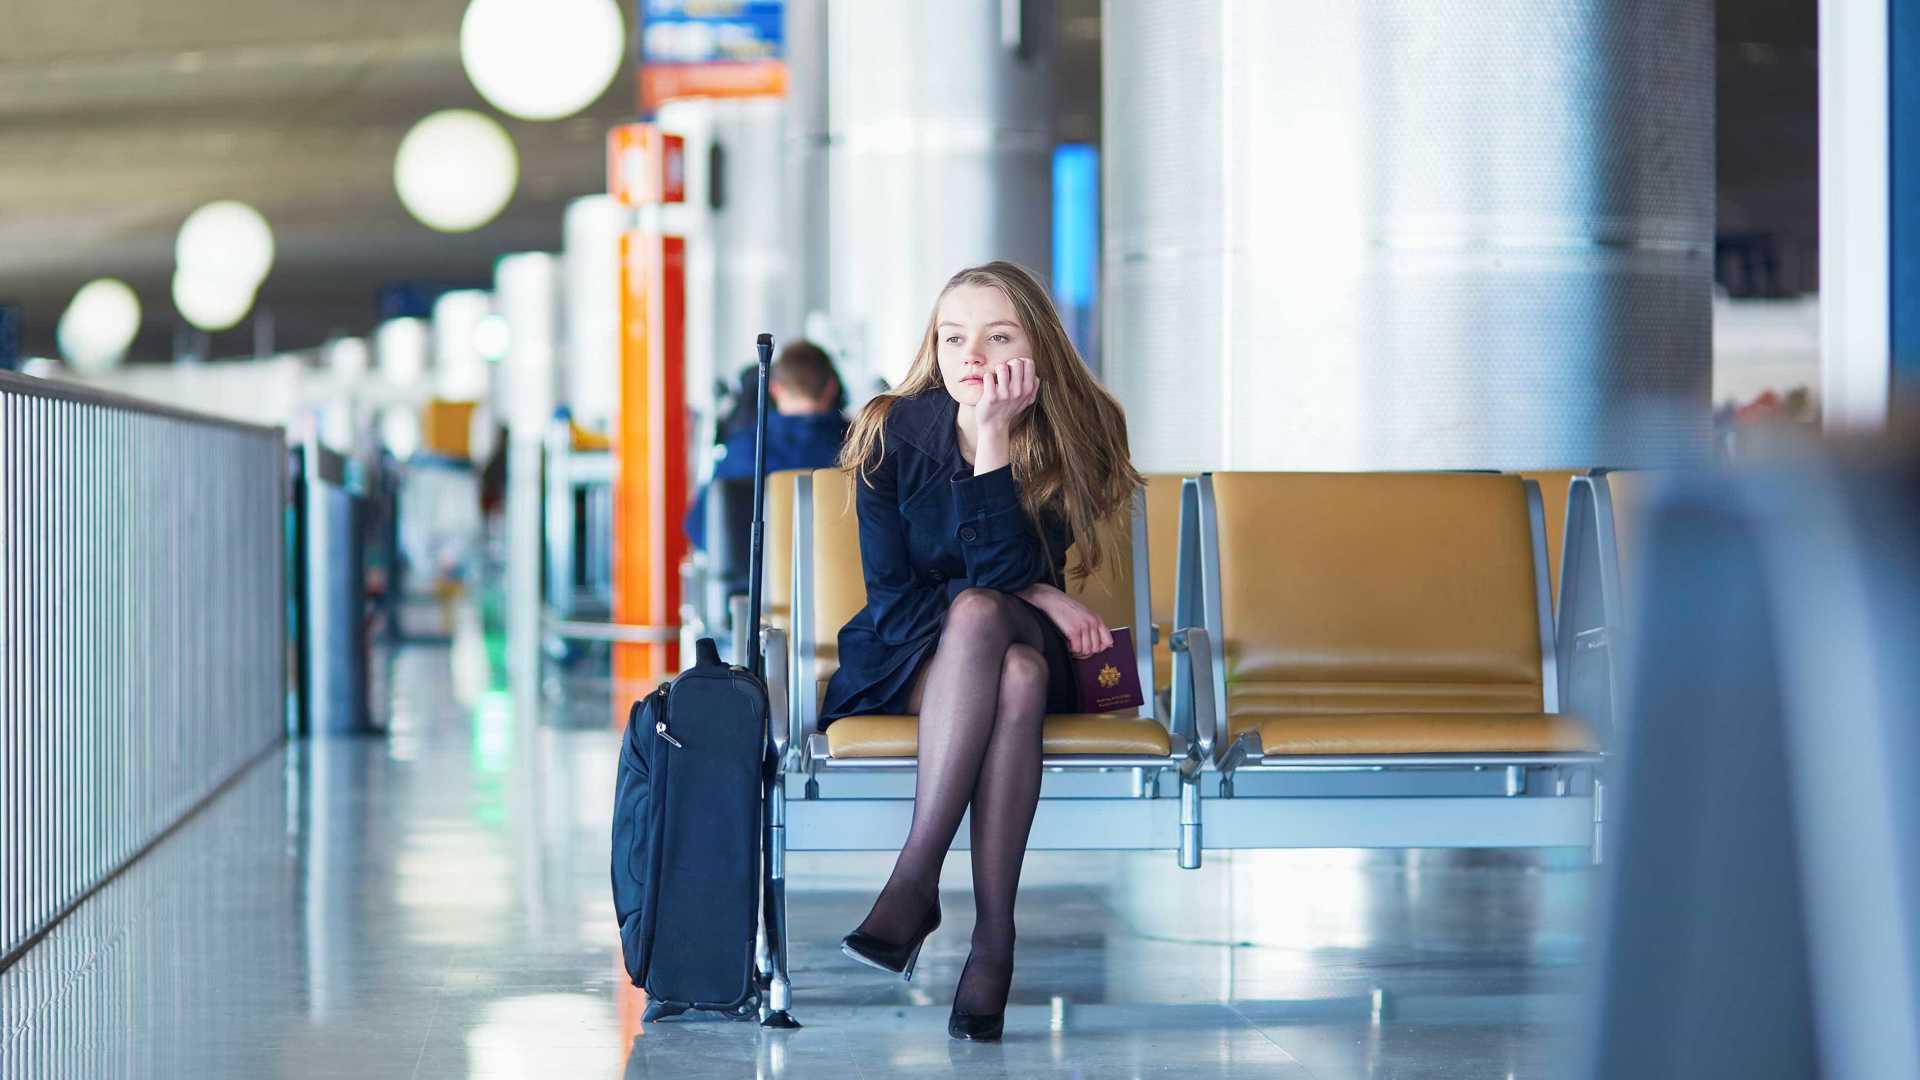 Các dịch vụ được cung cấp tại sân bay Vietnam Airlines